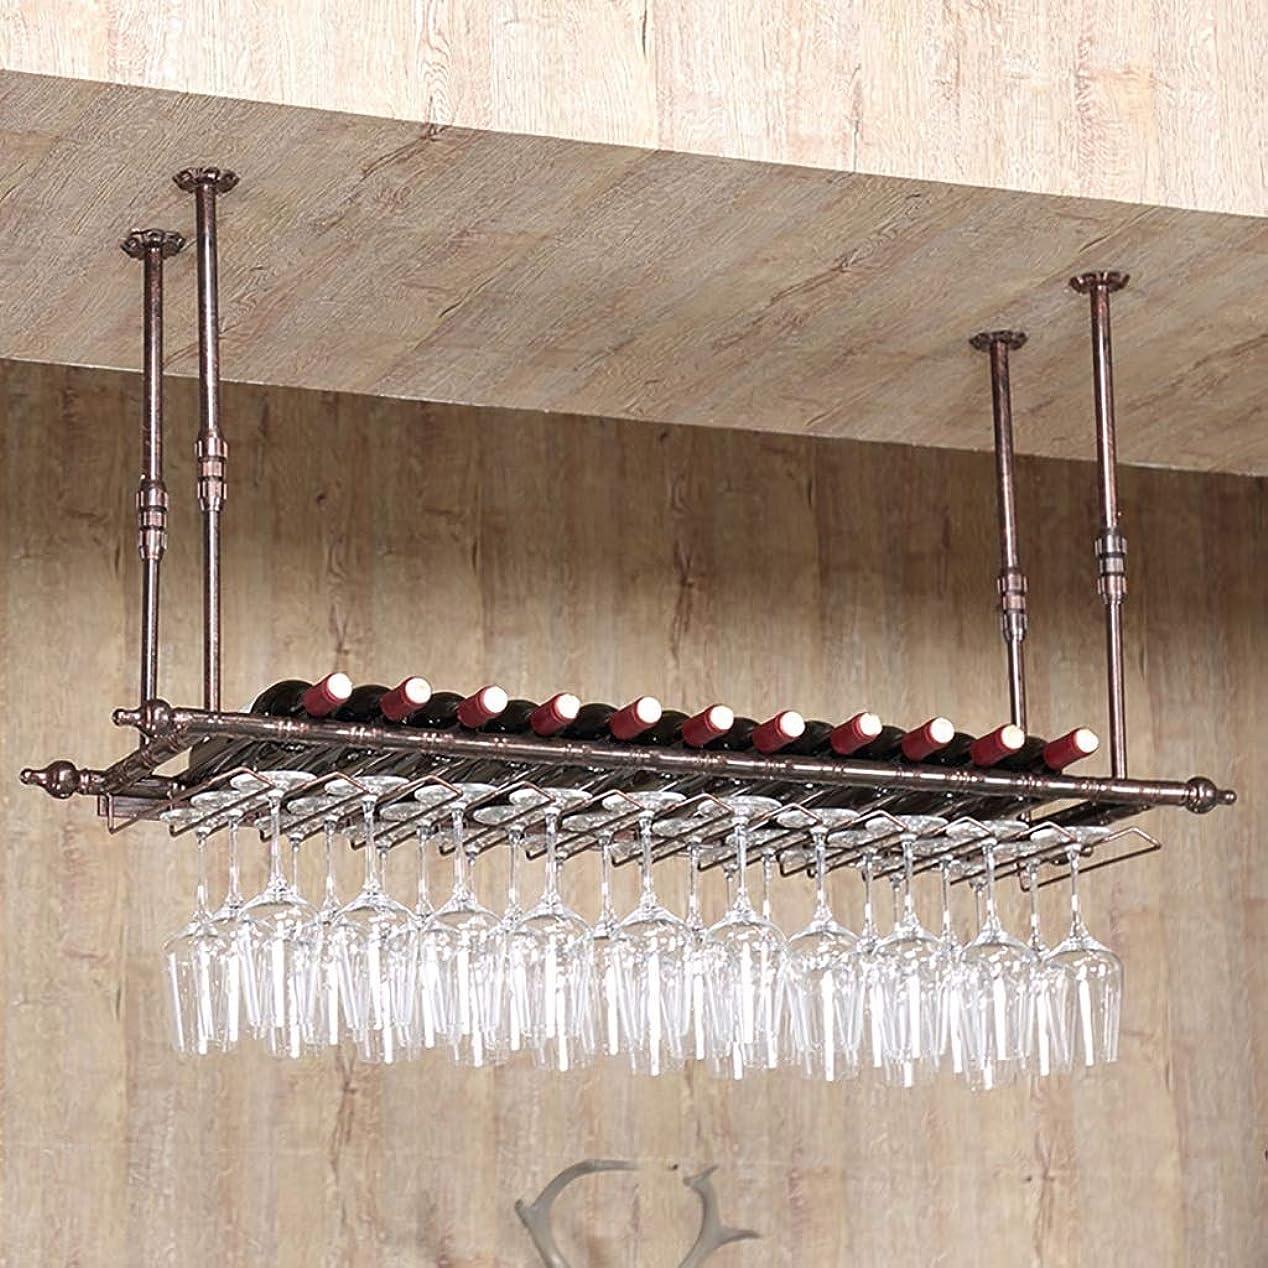 枠どきどきグラディスL-G-M ワインラックレトロウォールワインラックバーの金属鉄収納棚LOFT天井壁掛けぶら下げワインシャンパングラスゴブレット脚付きラックワインボトルホルダー(カラー:ブラック) (サイズ さいず : 100*30cm)